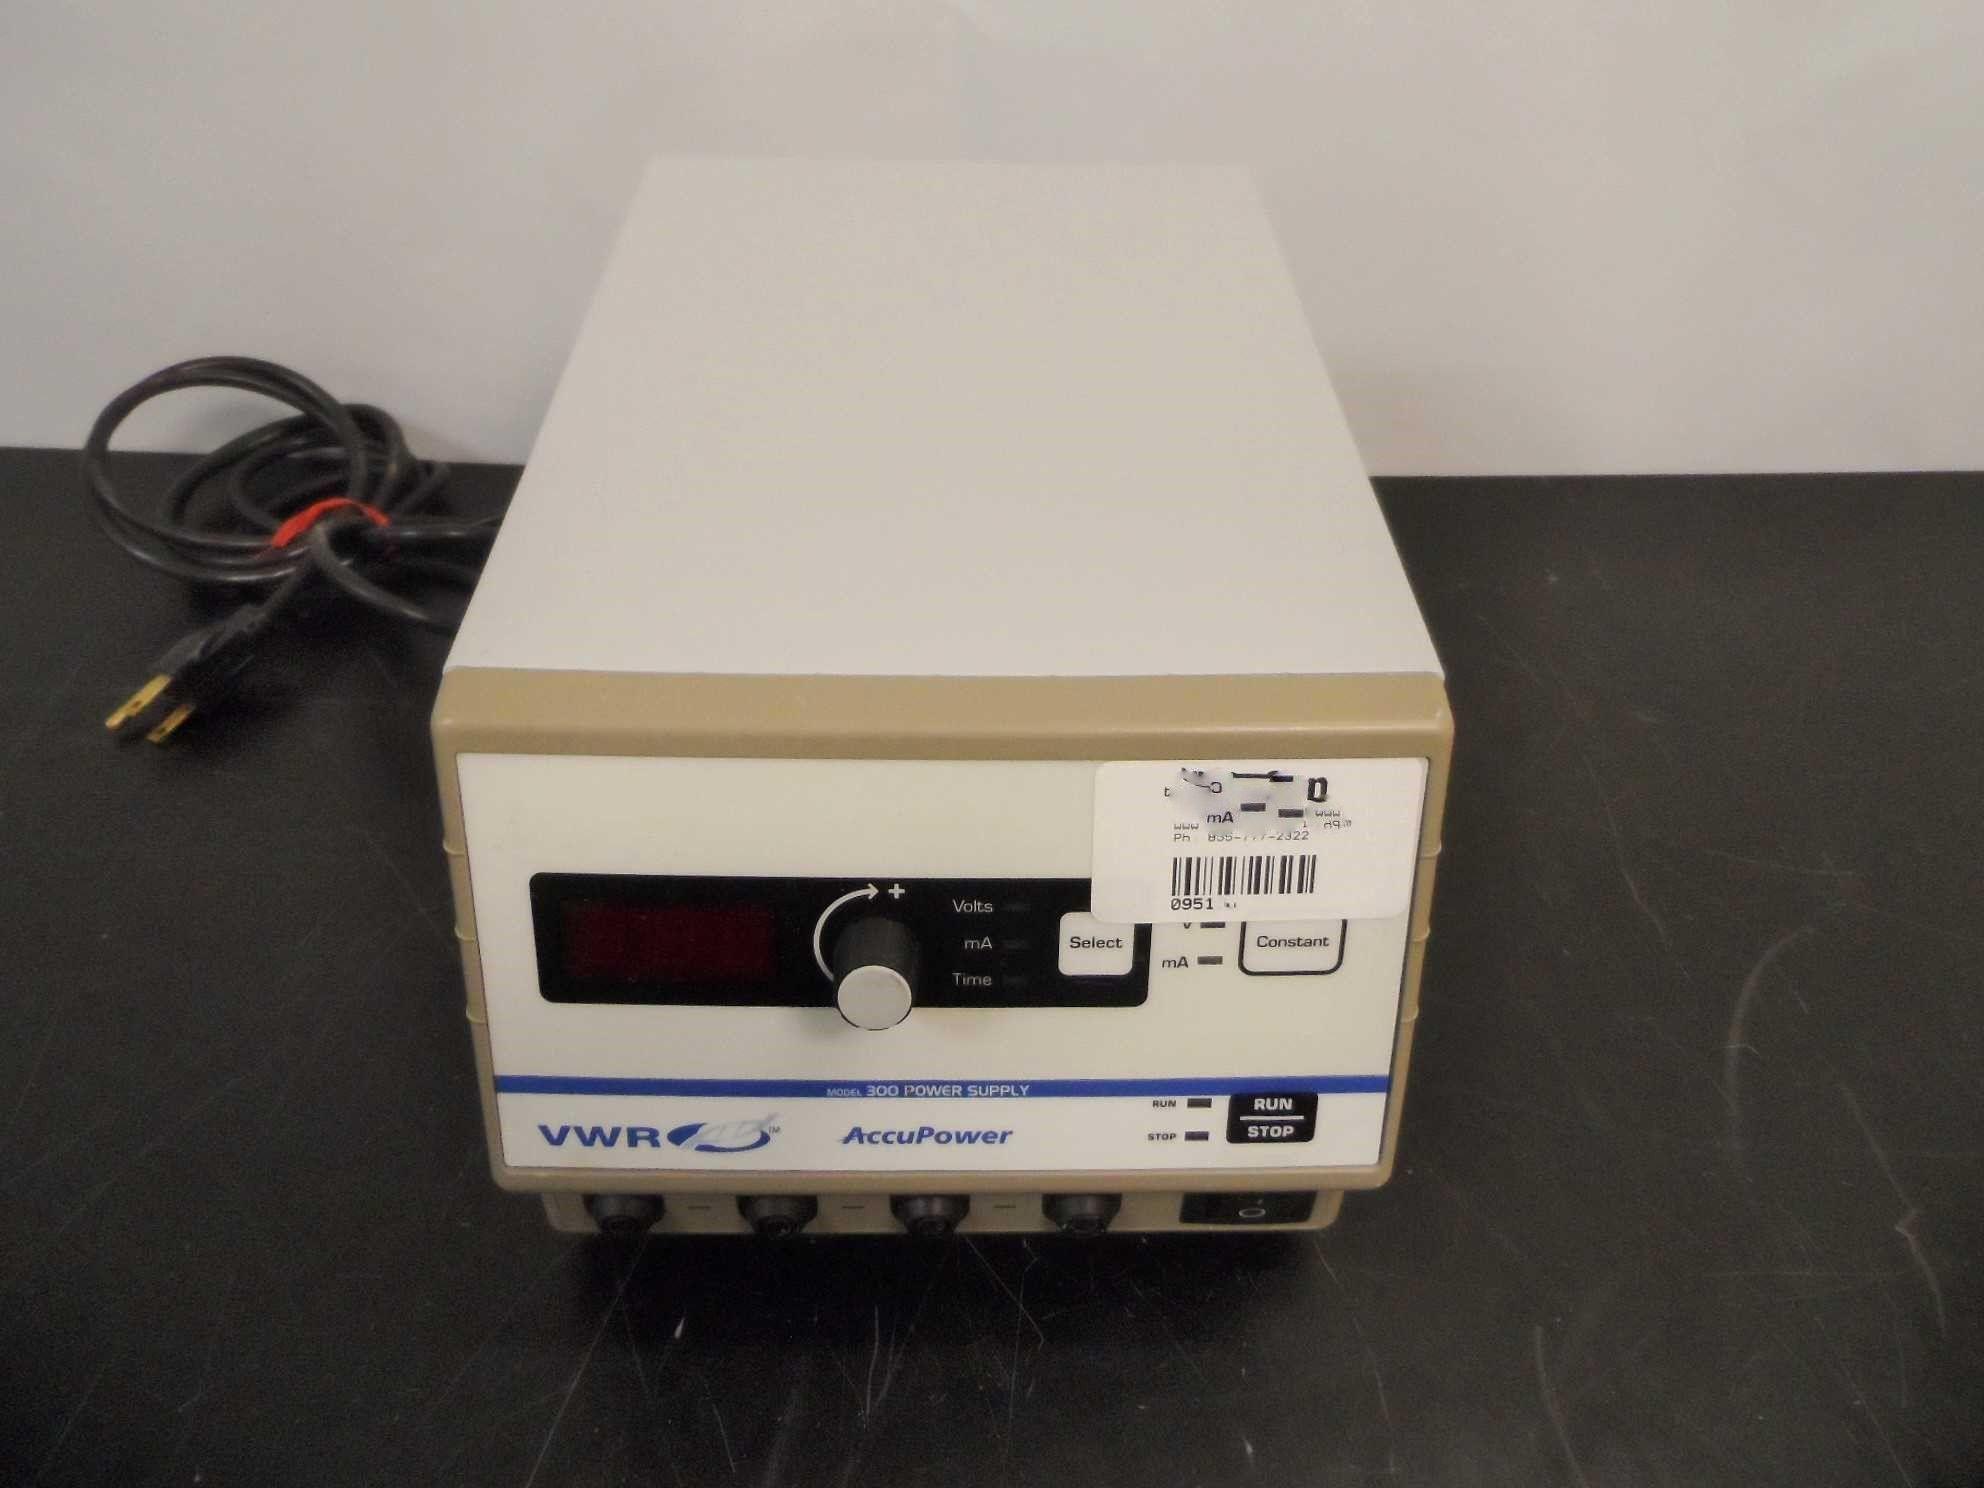 VWR AccuPower Power Supply 300